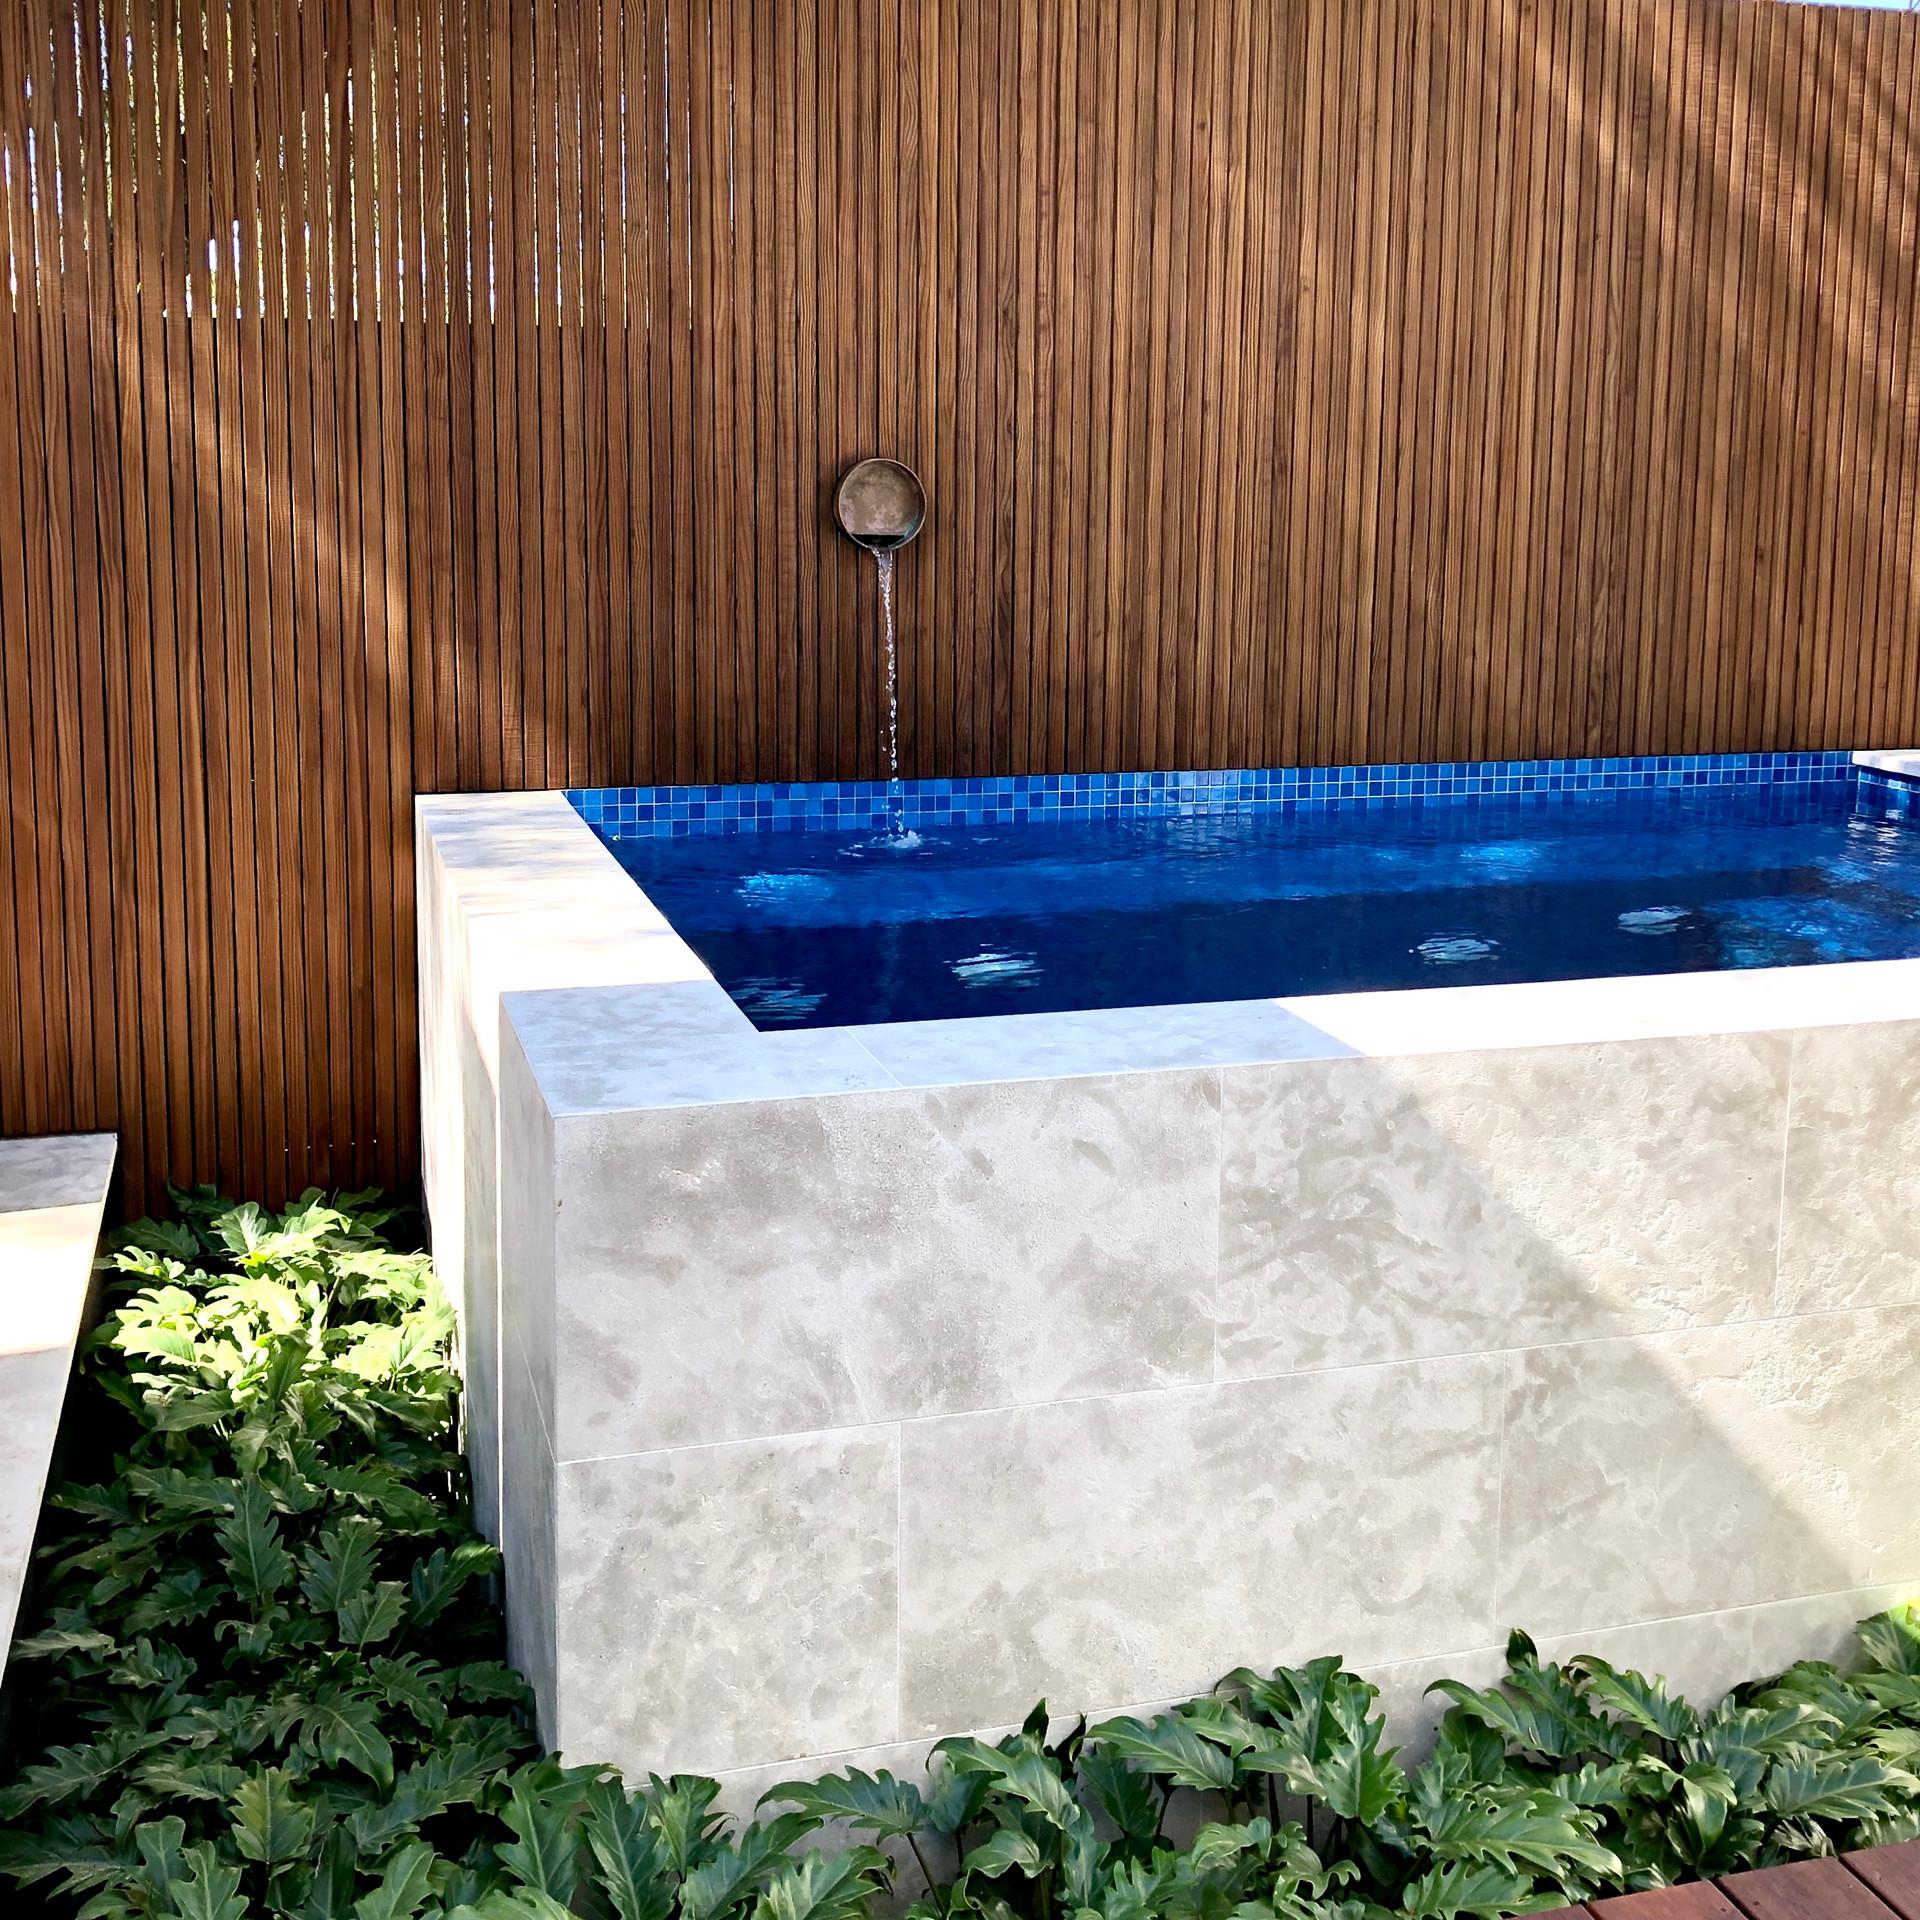 Swanbourne Water feature Outdoor Shower